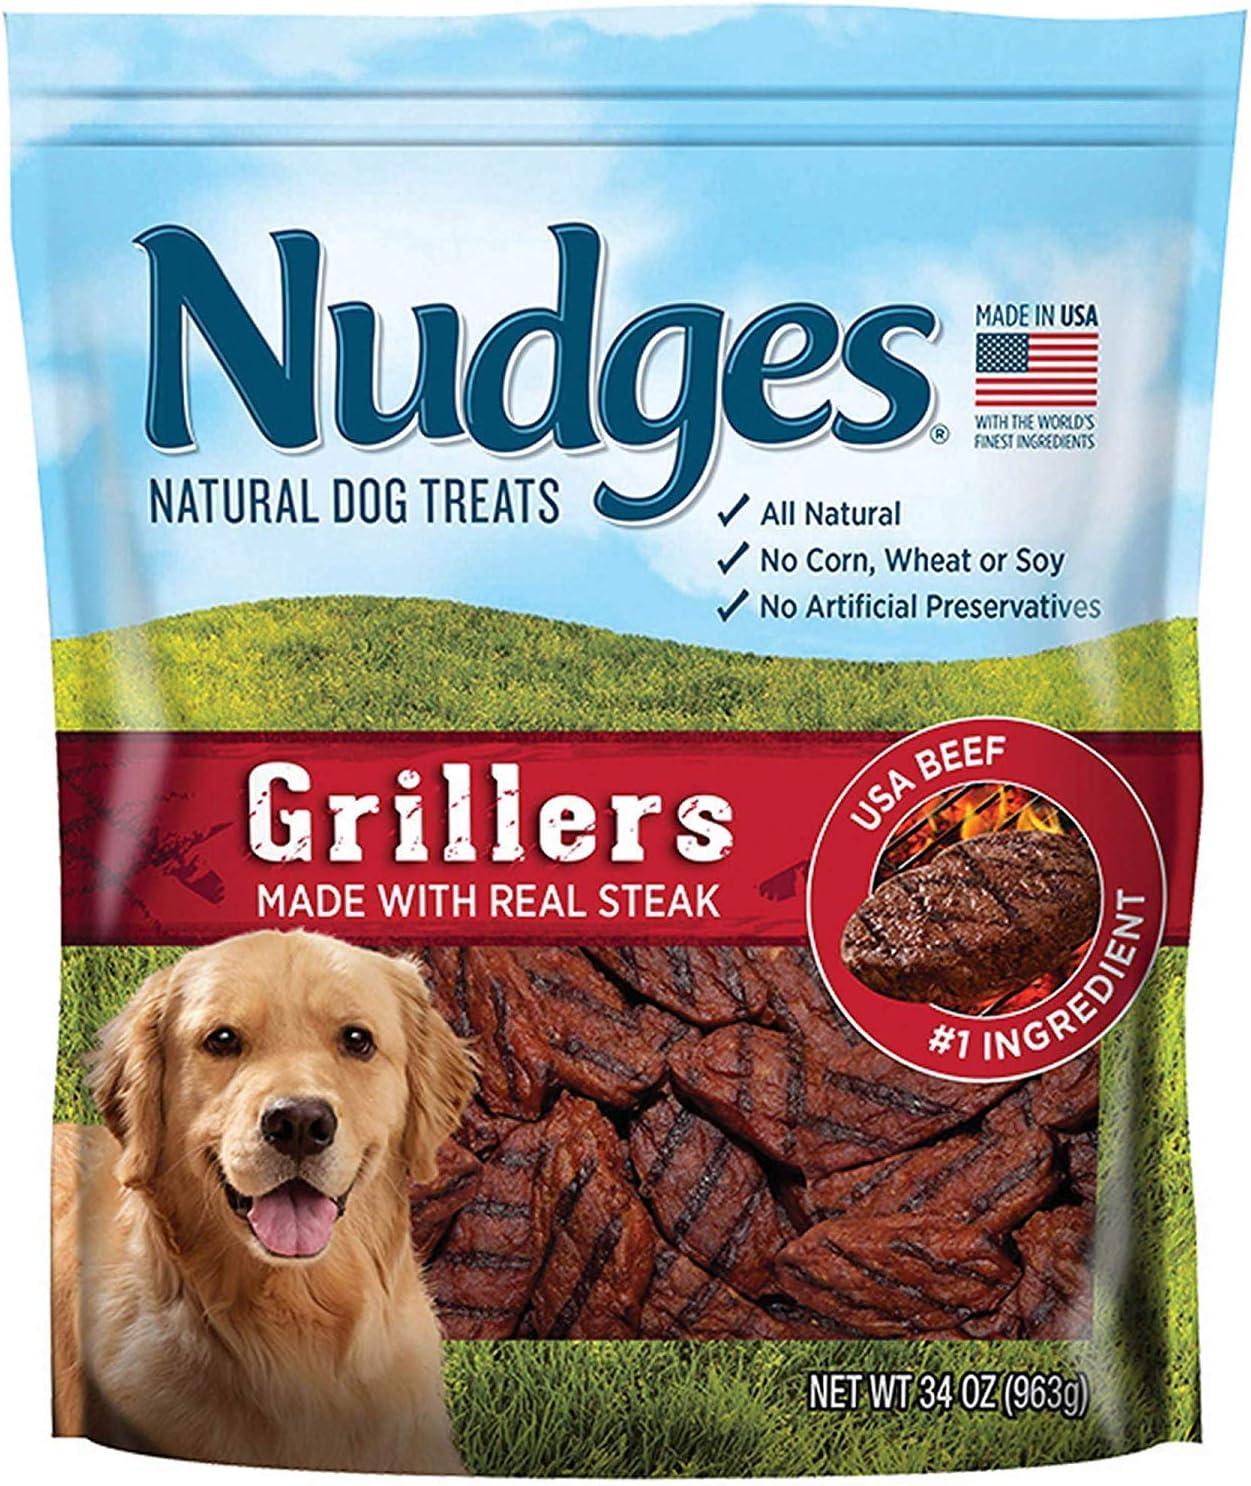 Nudges Natural Dog Treats Steak Grillers, 34 oz. - 2 Packs